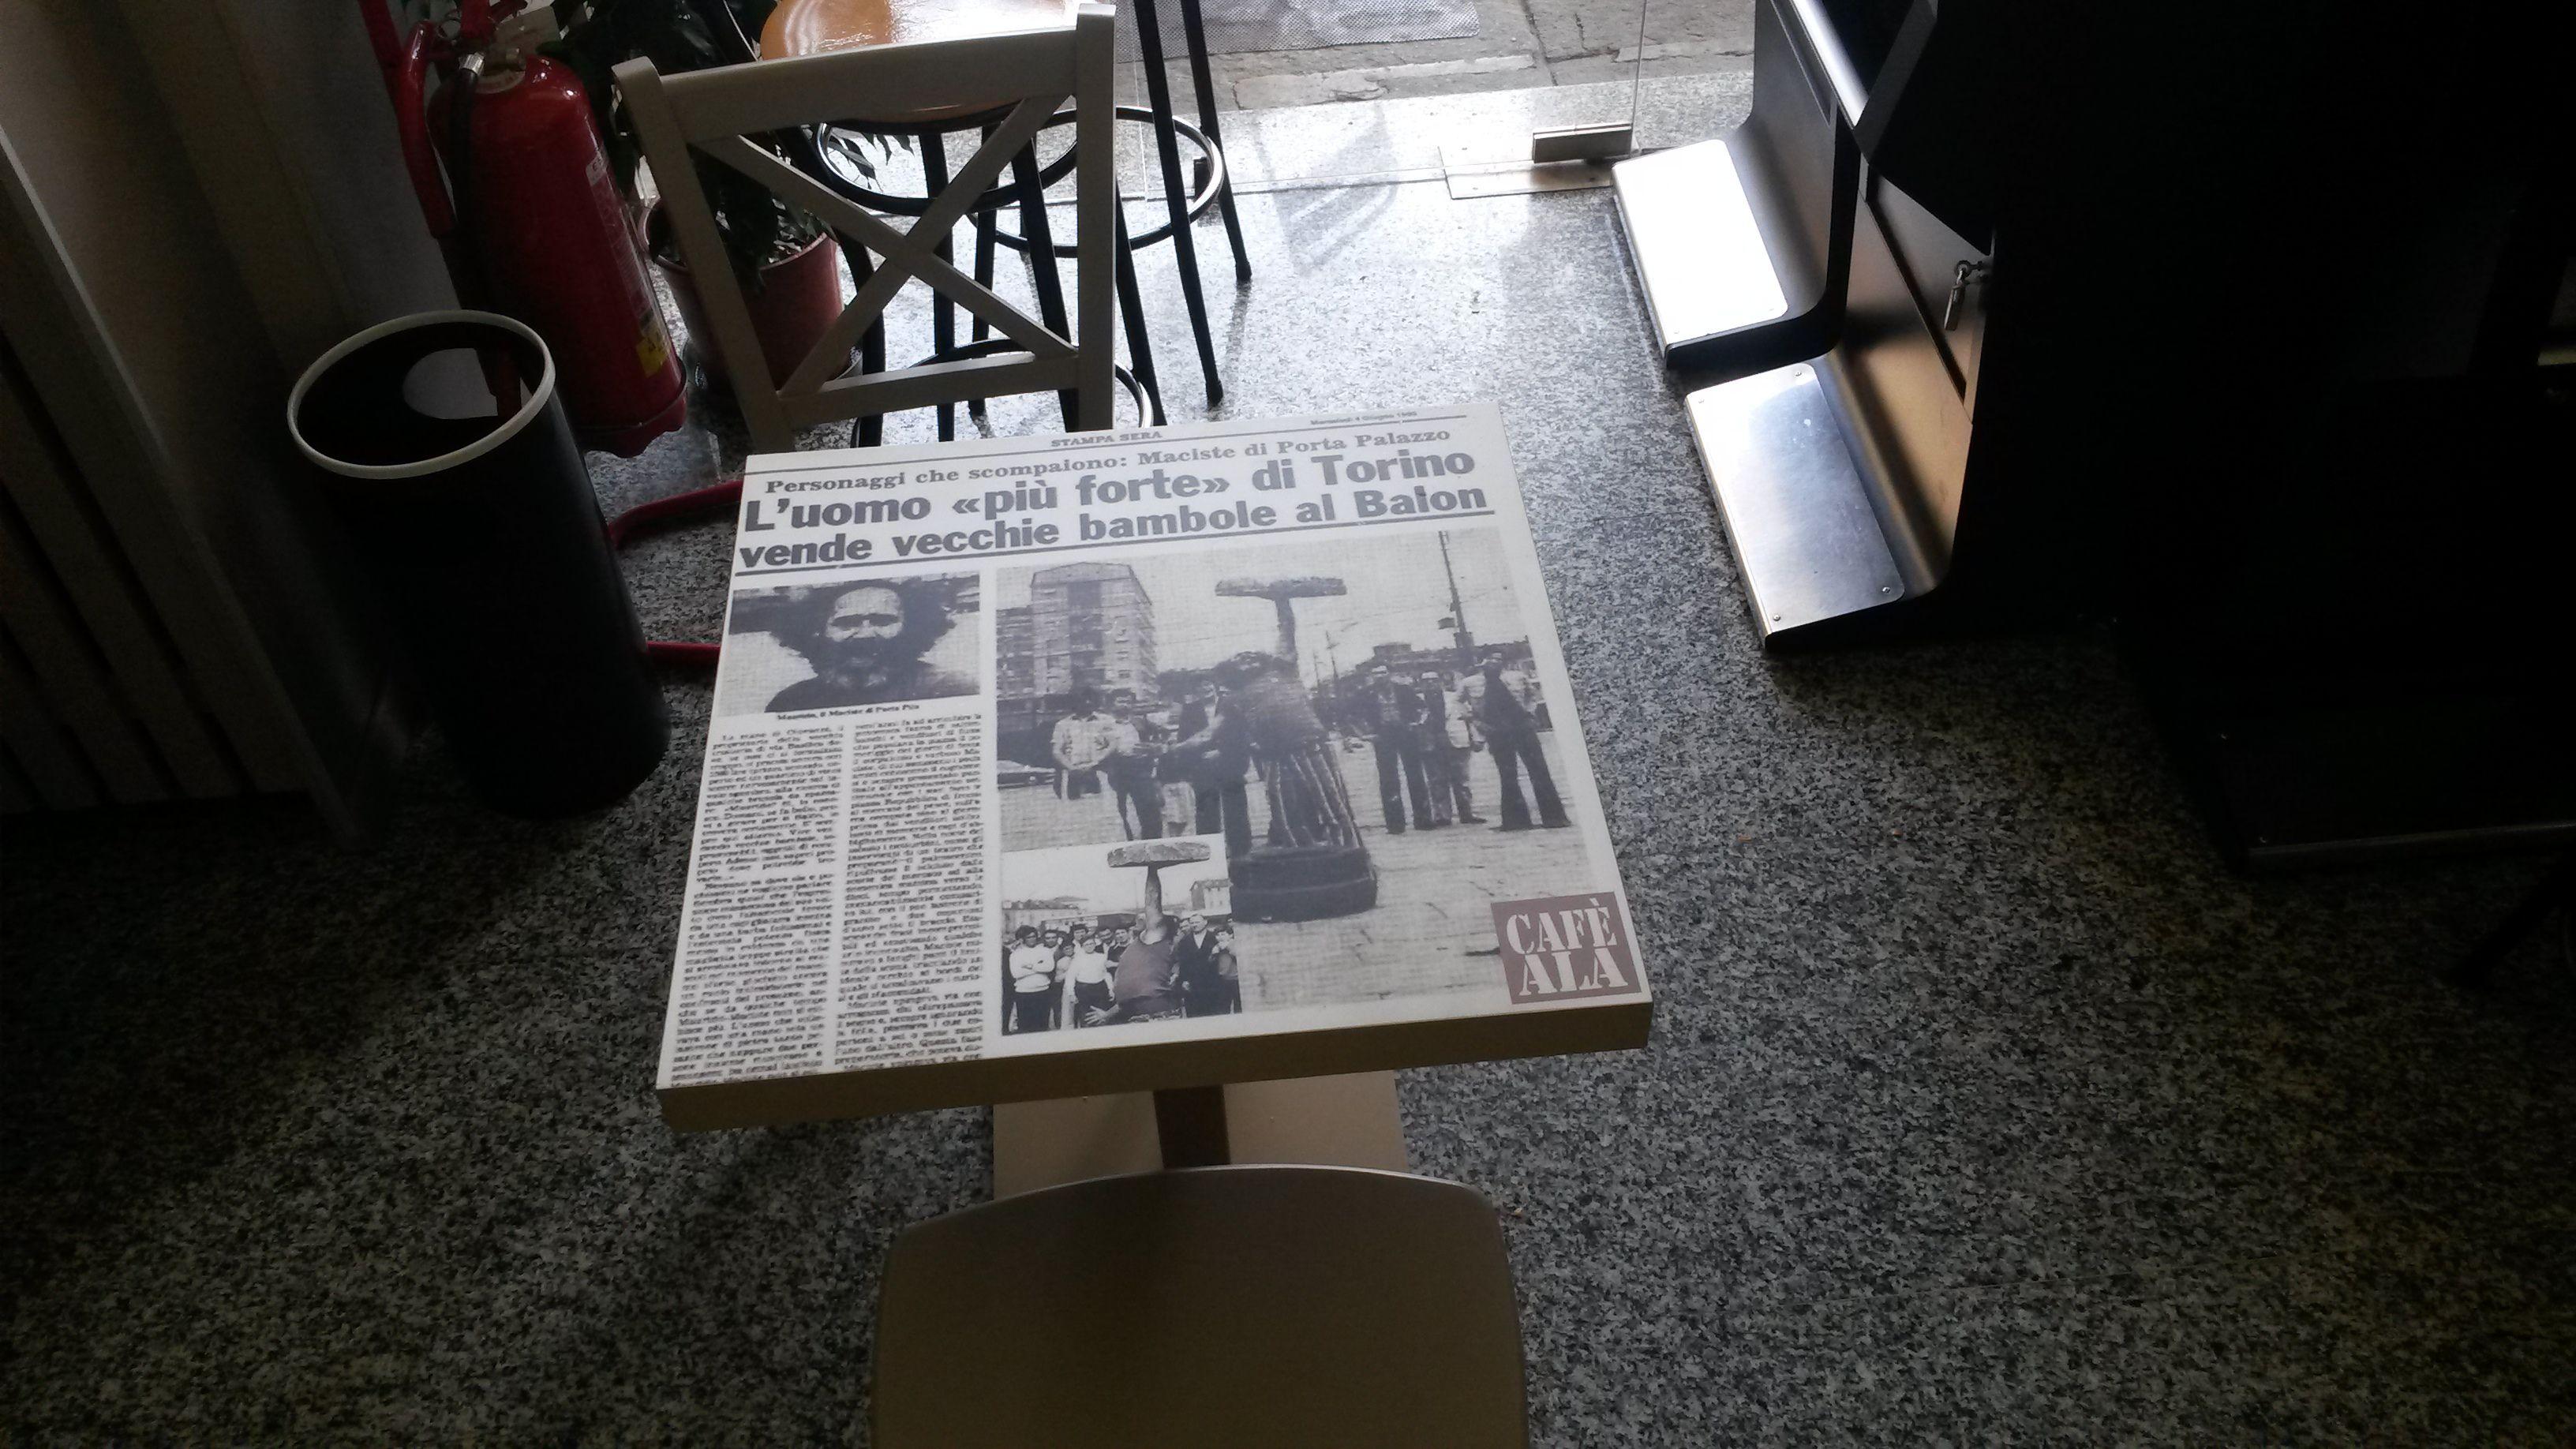 Tavolino Del Bar.Un Tavolino Del Bar Ala A Porta Palazzo In Via Milano 15b